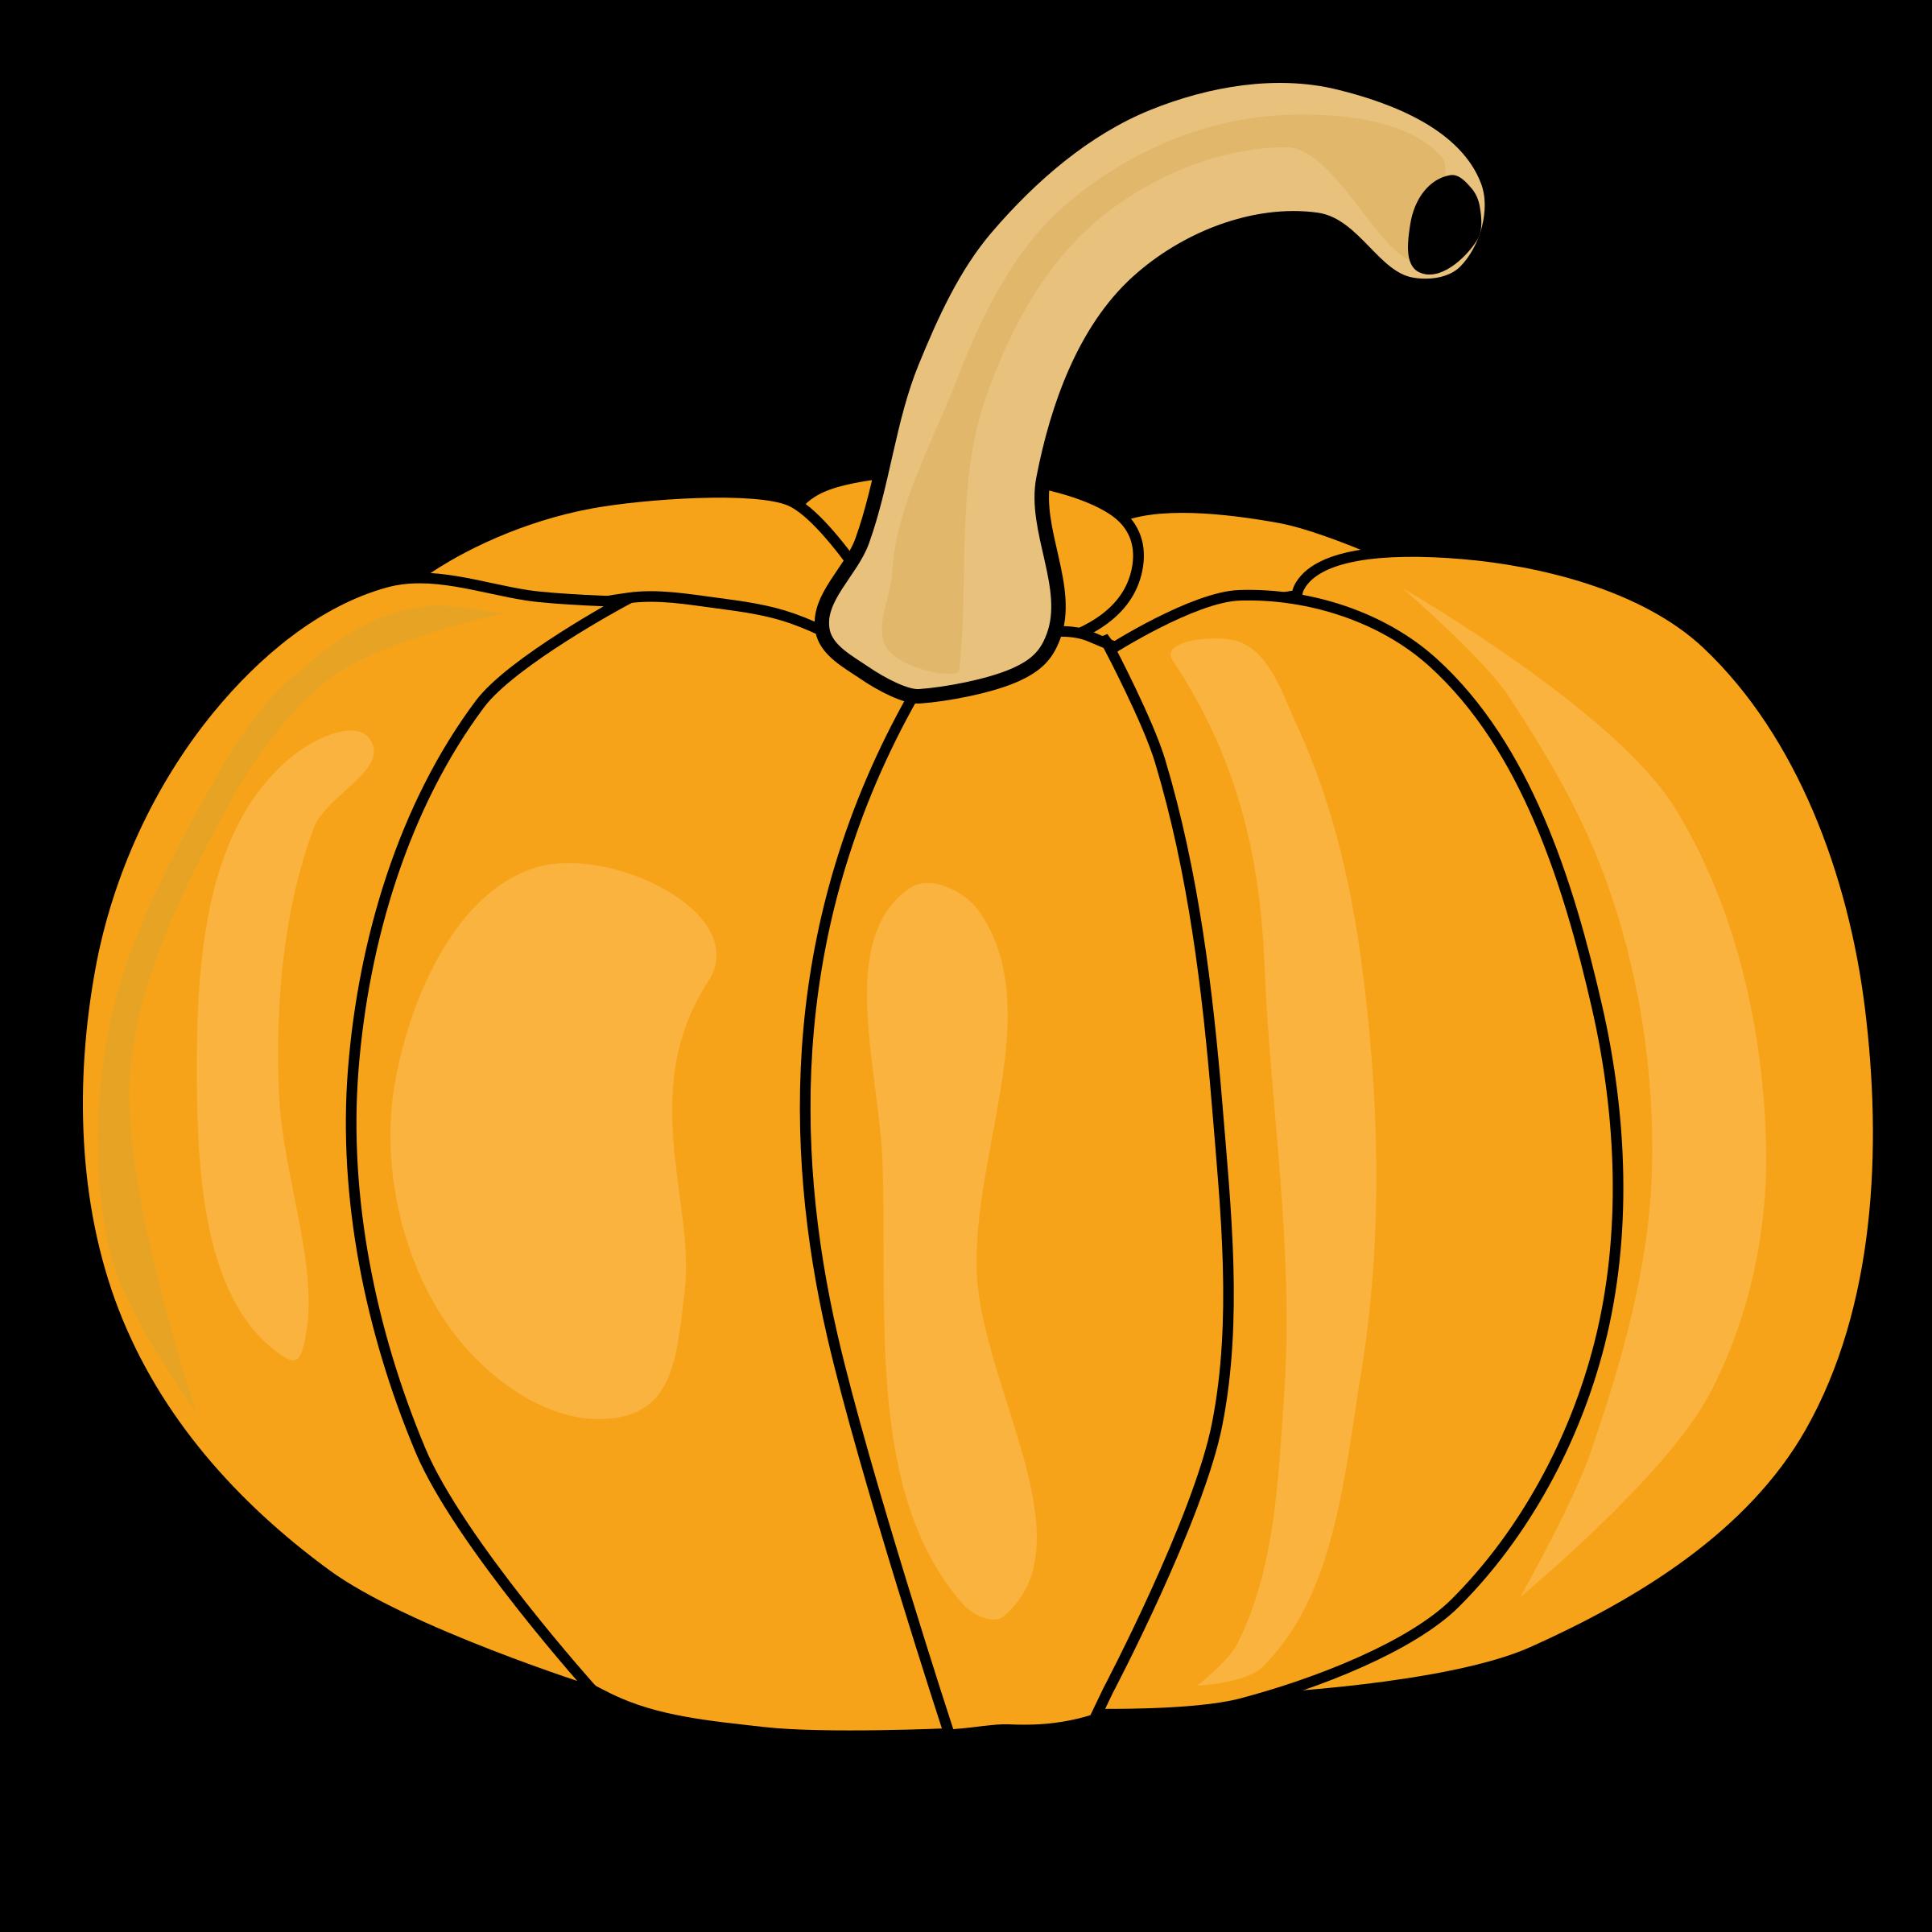 2400x2400 Squash Clipart Small Pumpkin